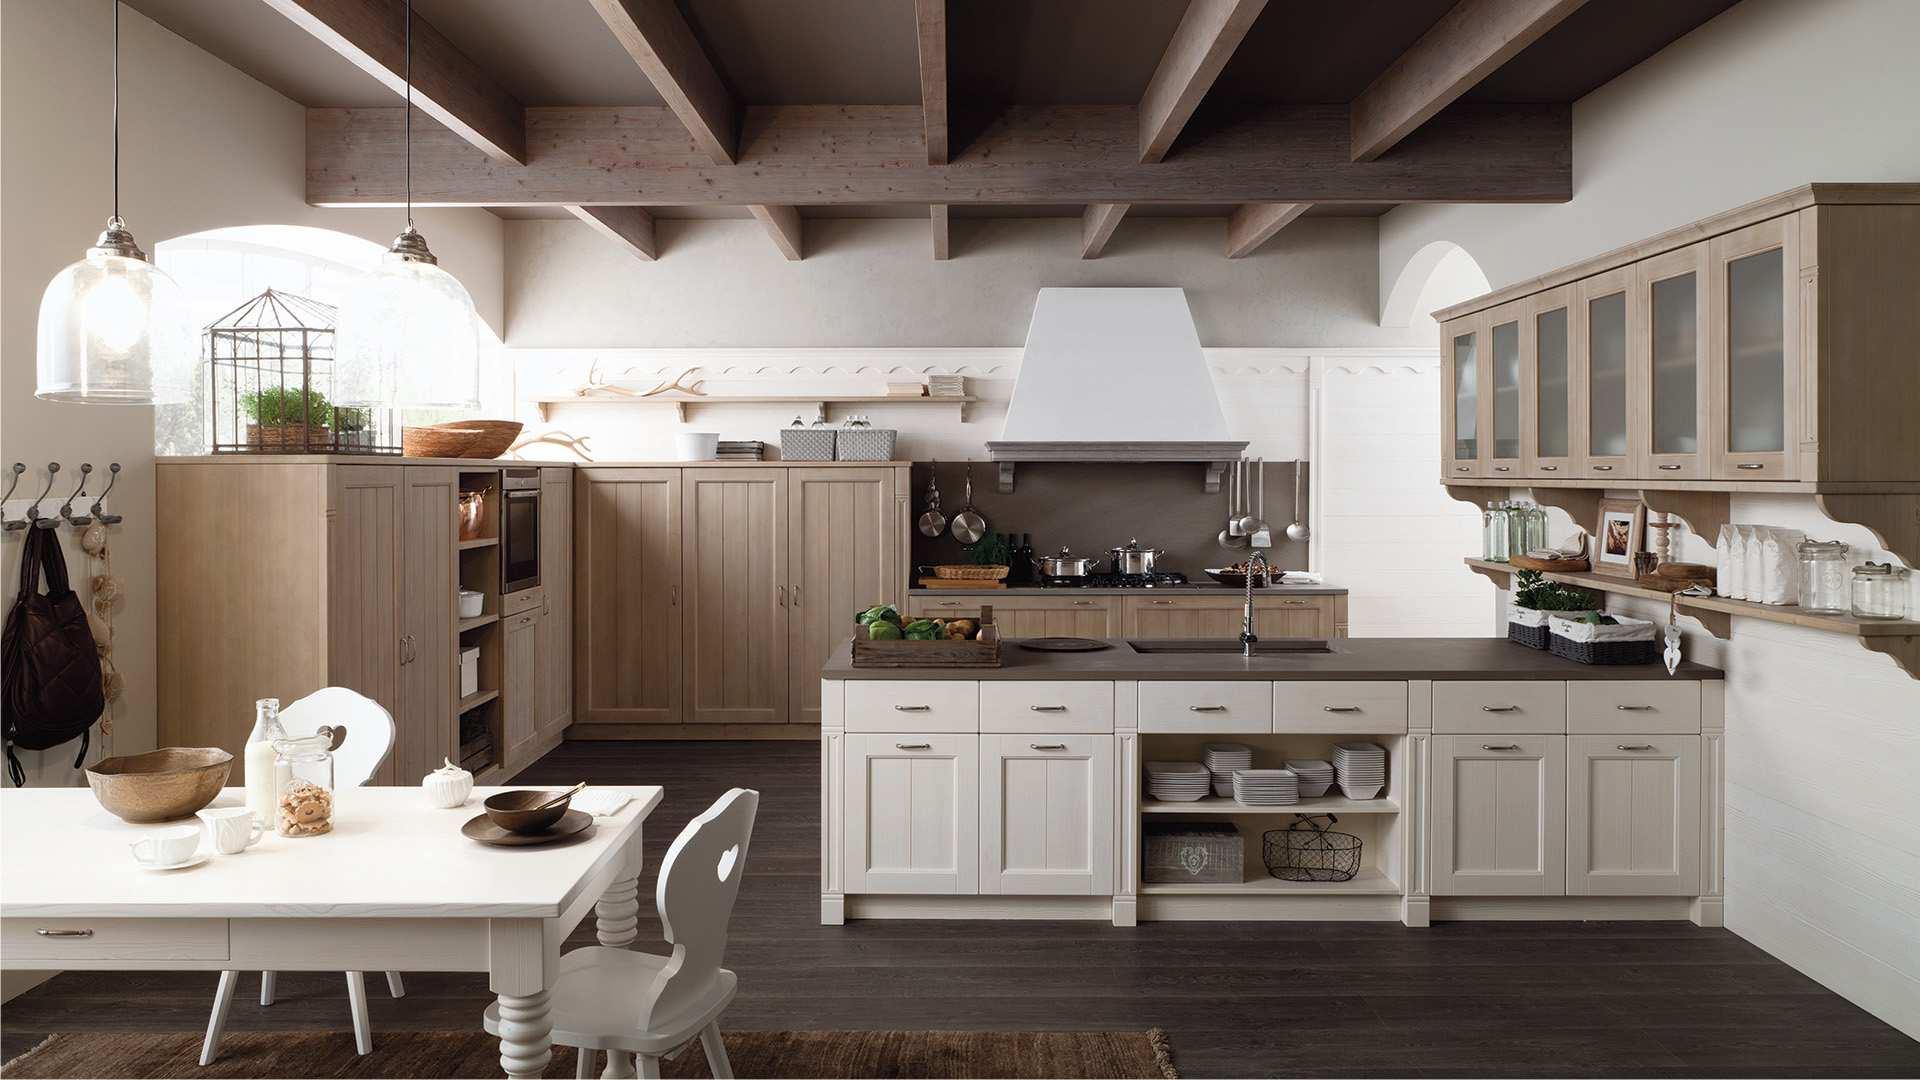 Scandola mobili arredamento in vero legno - Cucine artigianali in legno massello ...